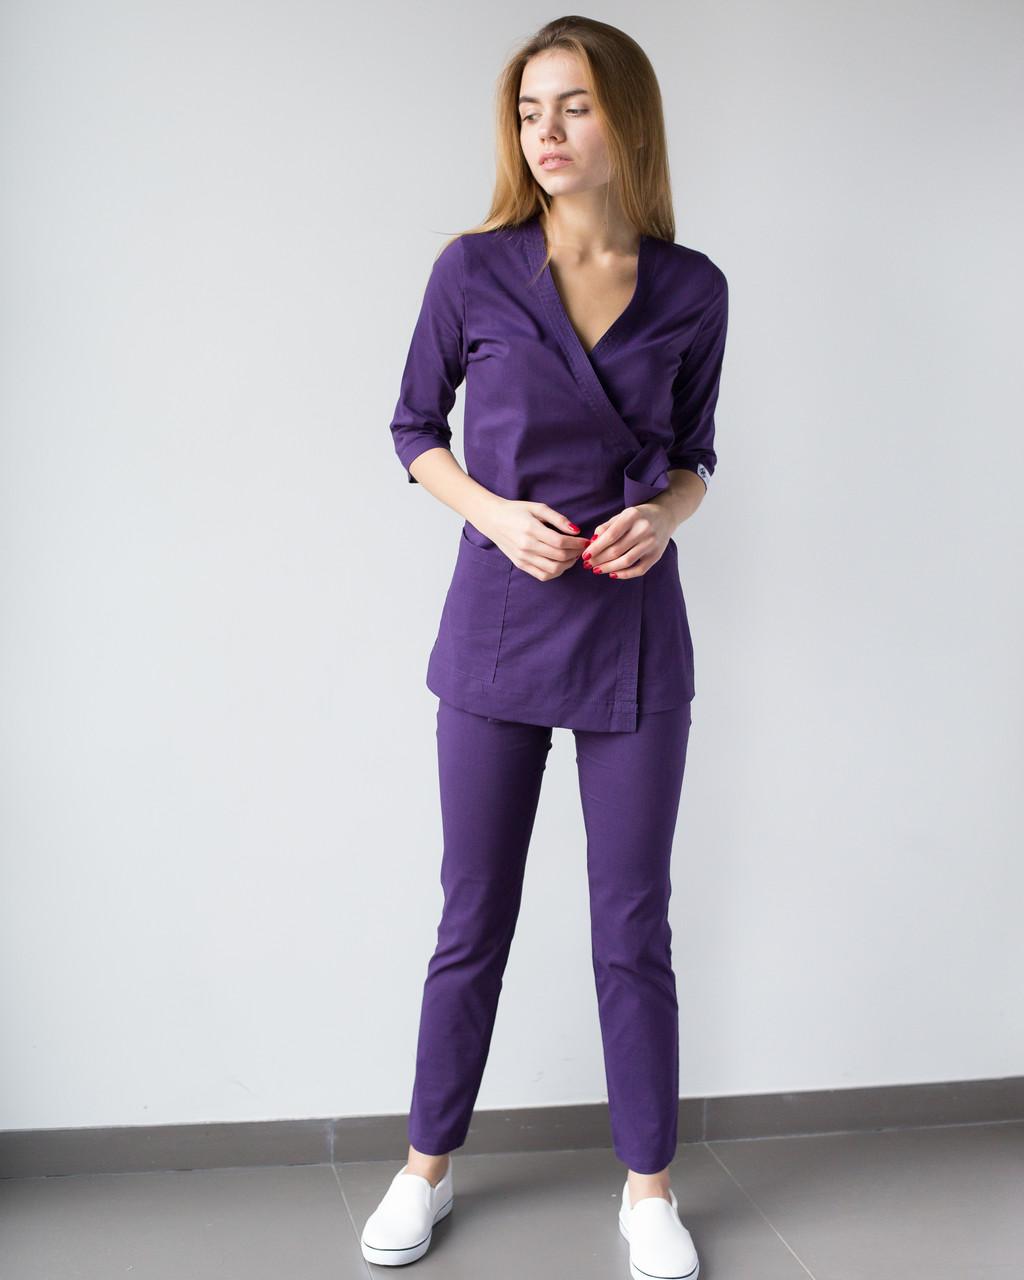 Медицинский женский костюм Шанхай фиолетовый